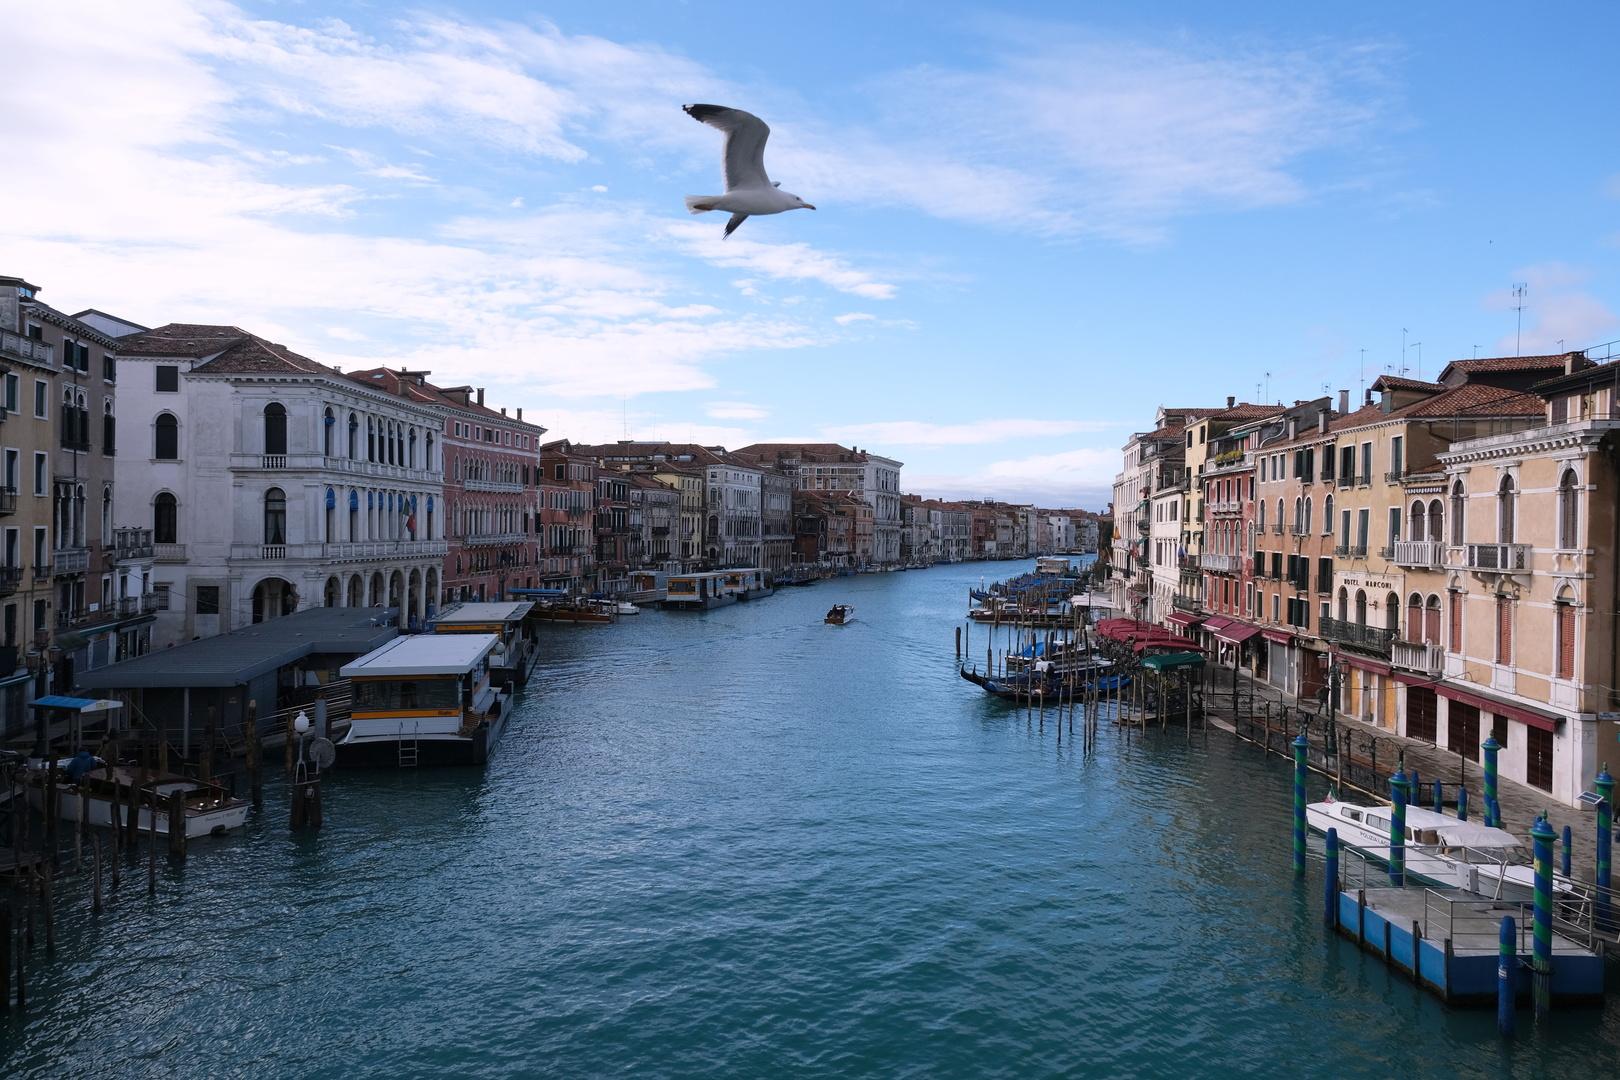 إيطاليا تسجل تراجعا ملموسا للإصابات الجديدة بكورونا